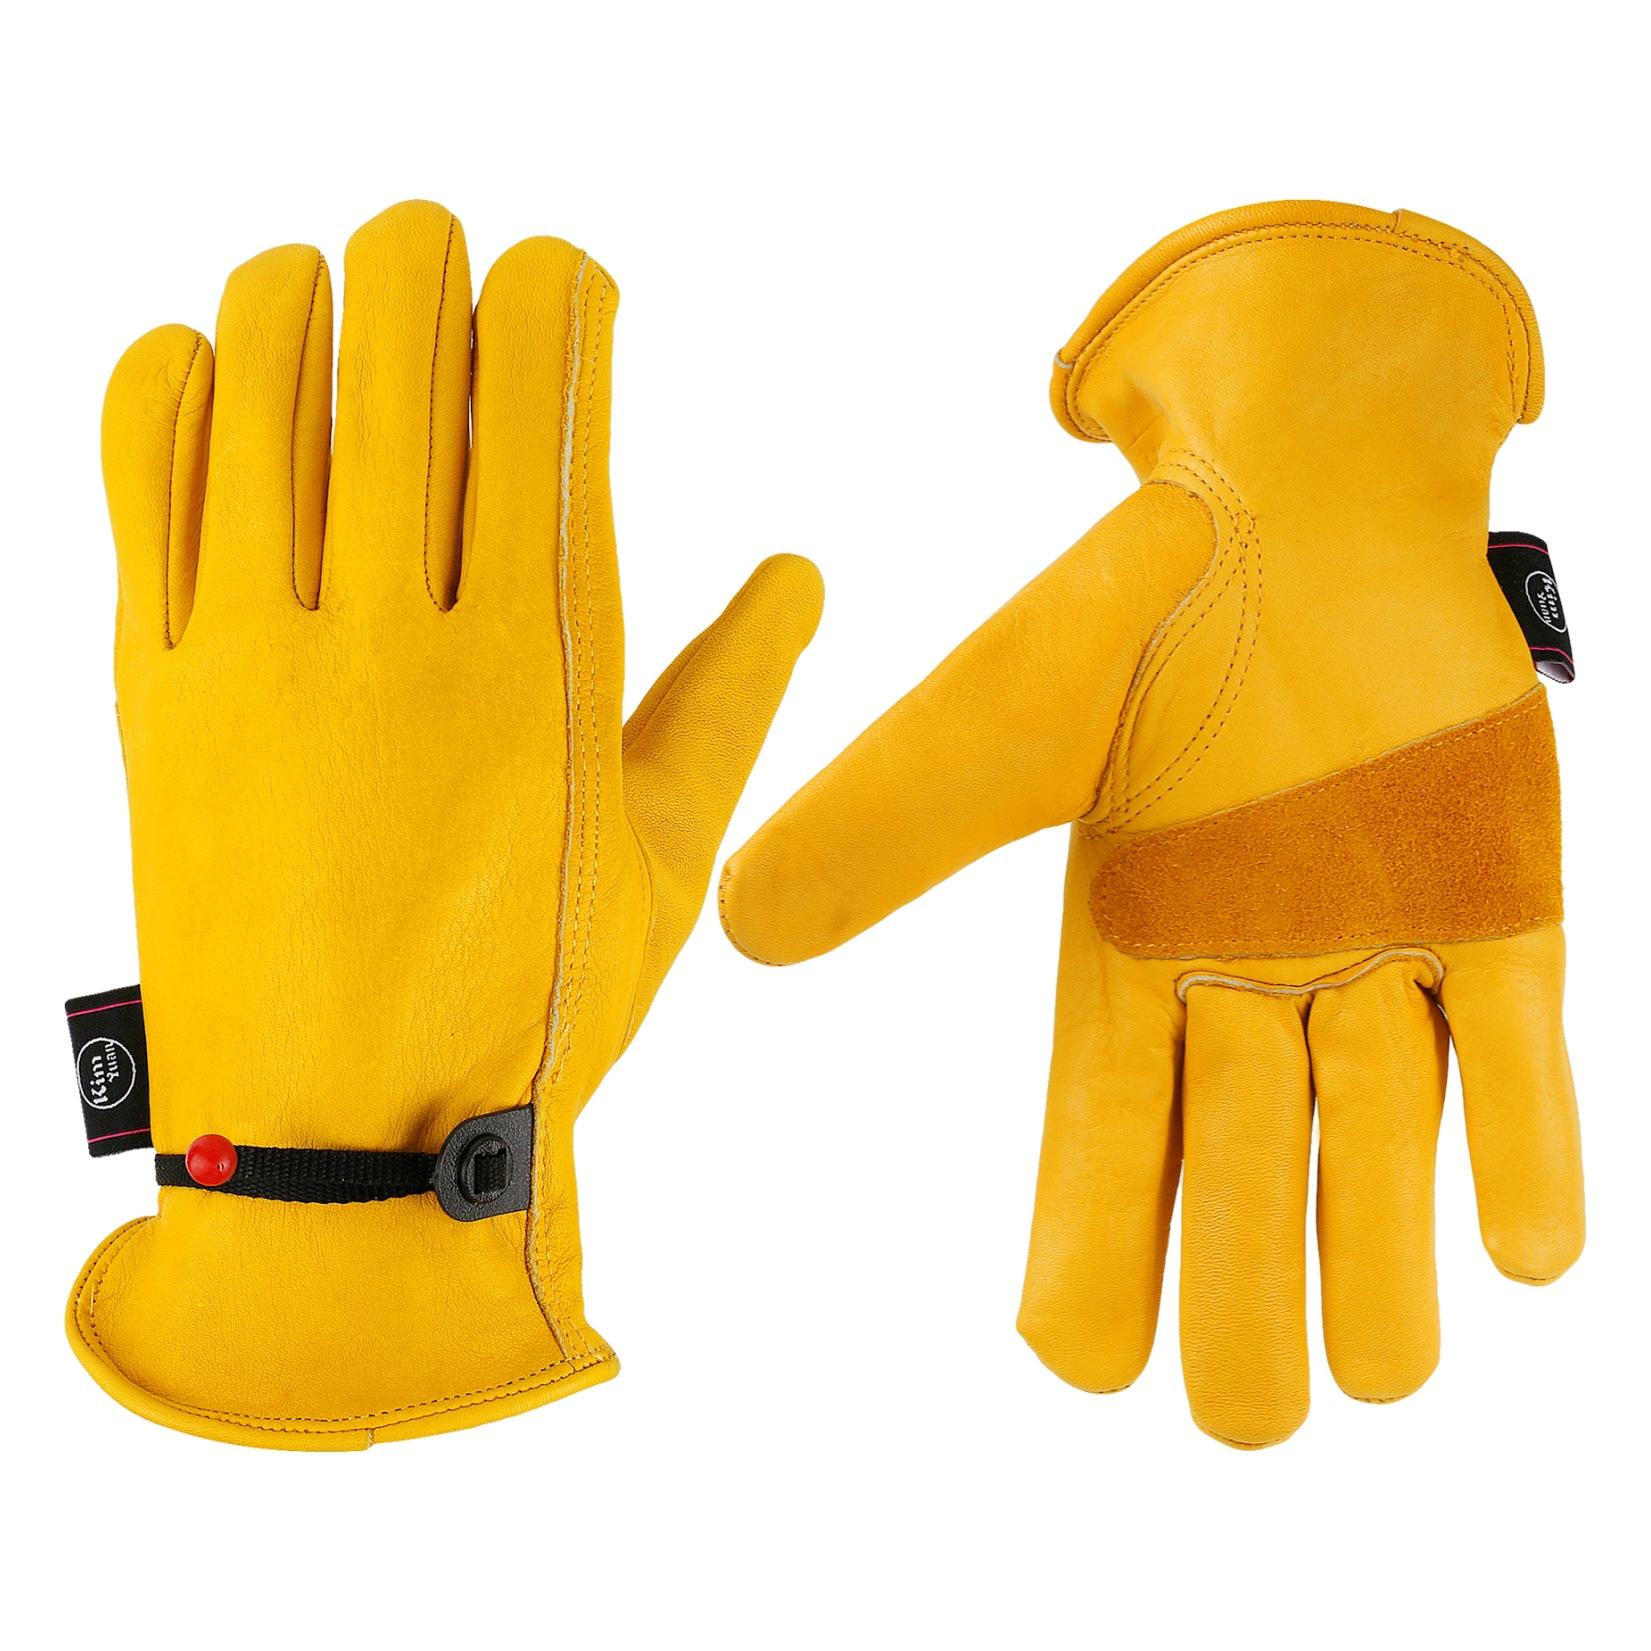 深圳货源批发牛皮电焊手套普通劳保手套焊接手套焊工专用防护手套